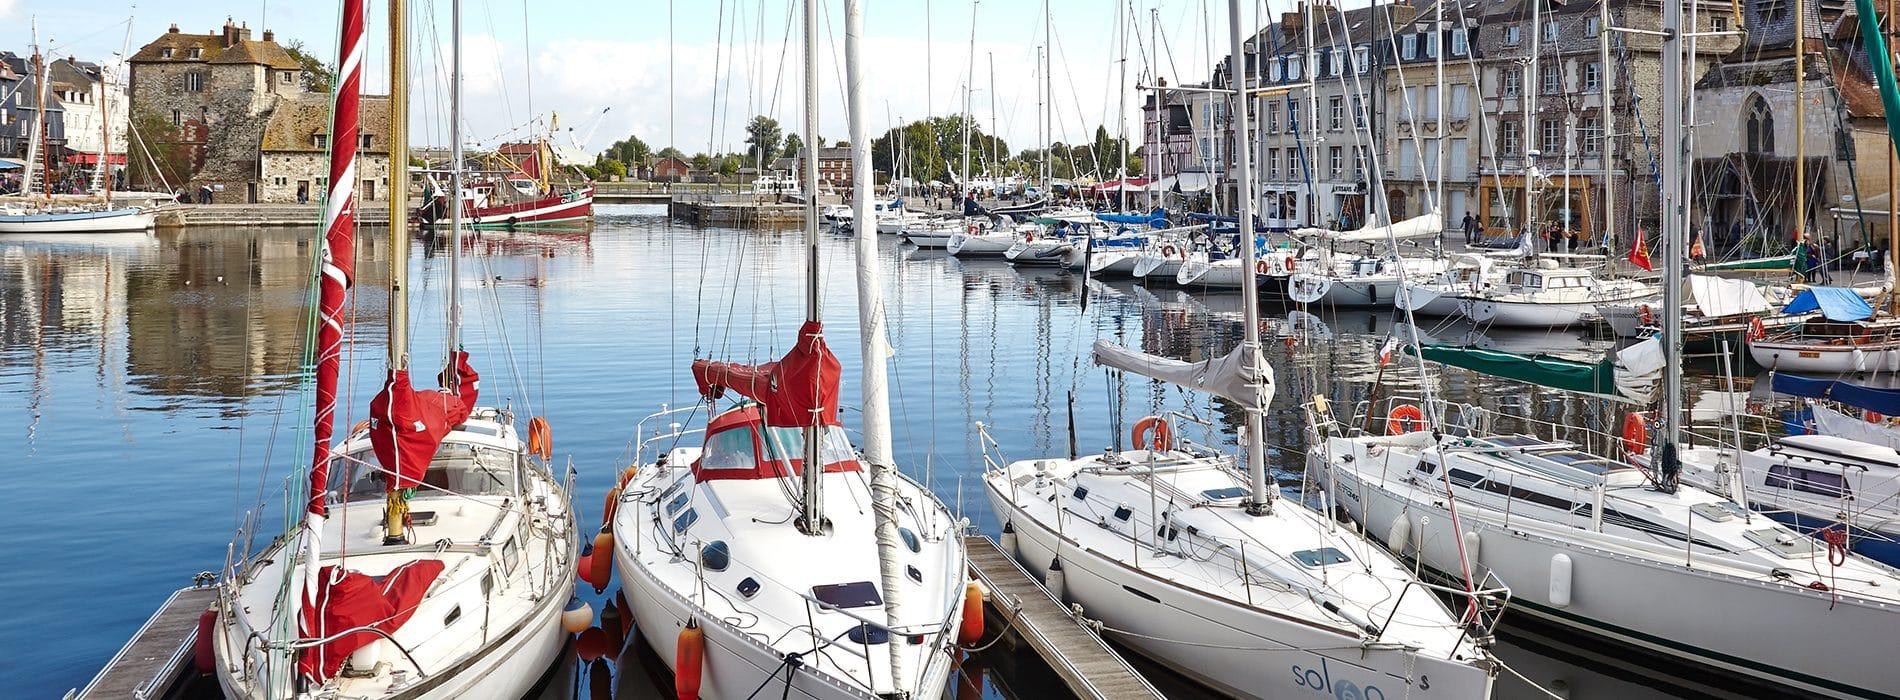 Des voiliers amarrés dans un port de plaisance du Calvados